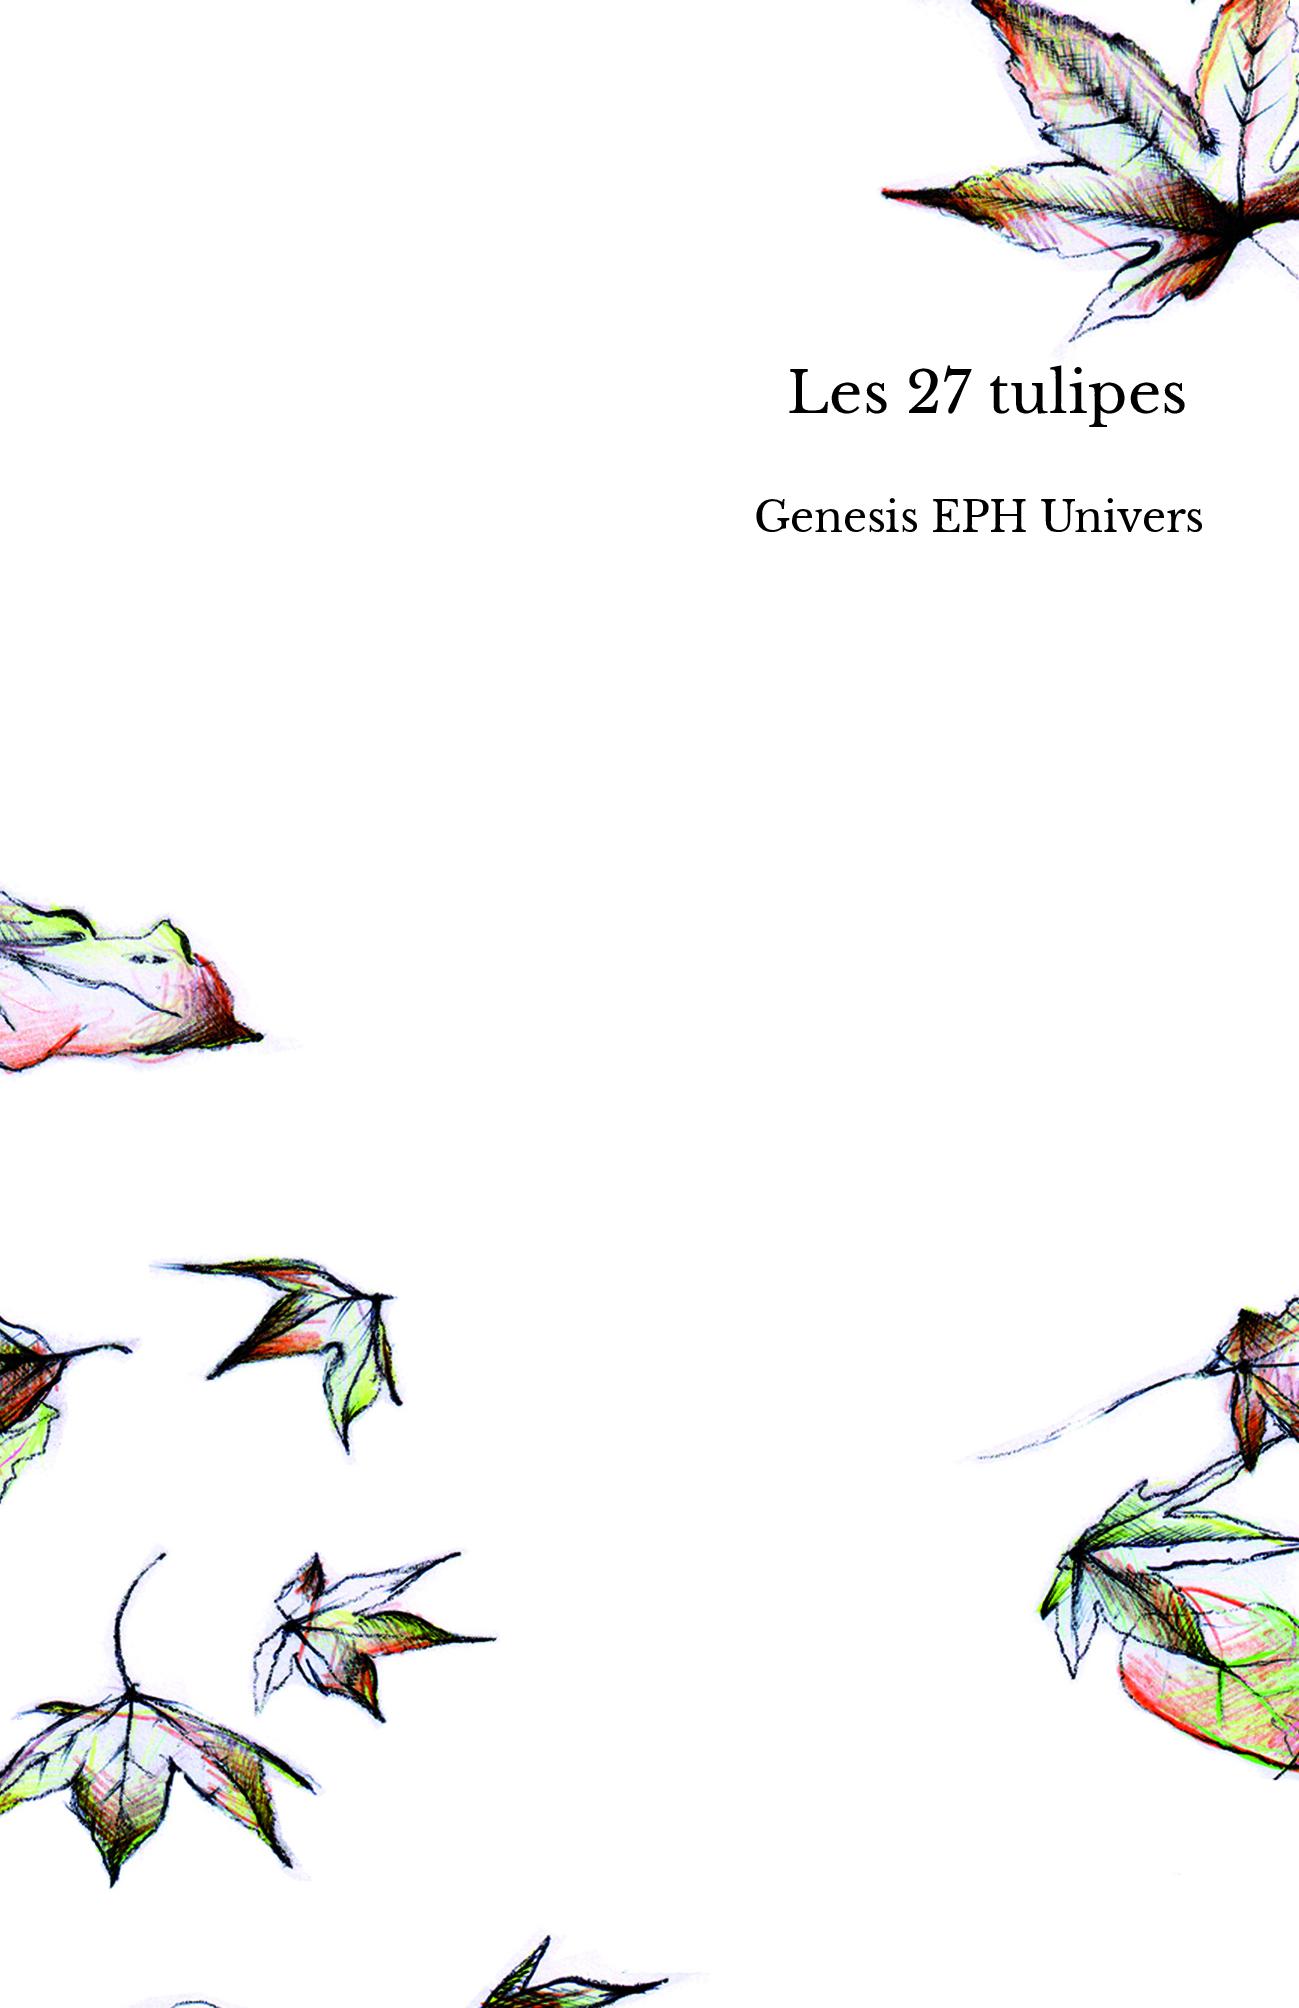 Les 27 tulipes